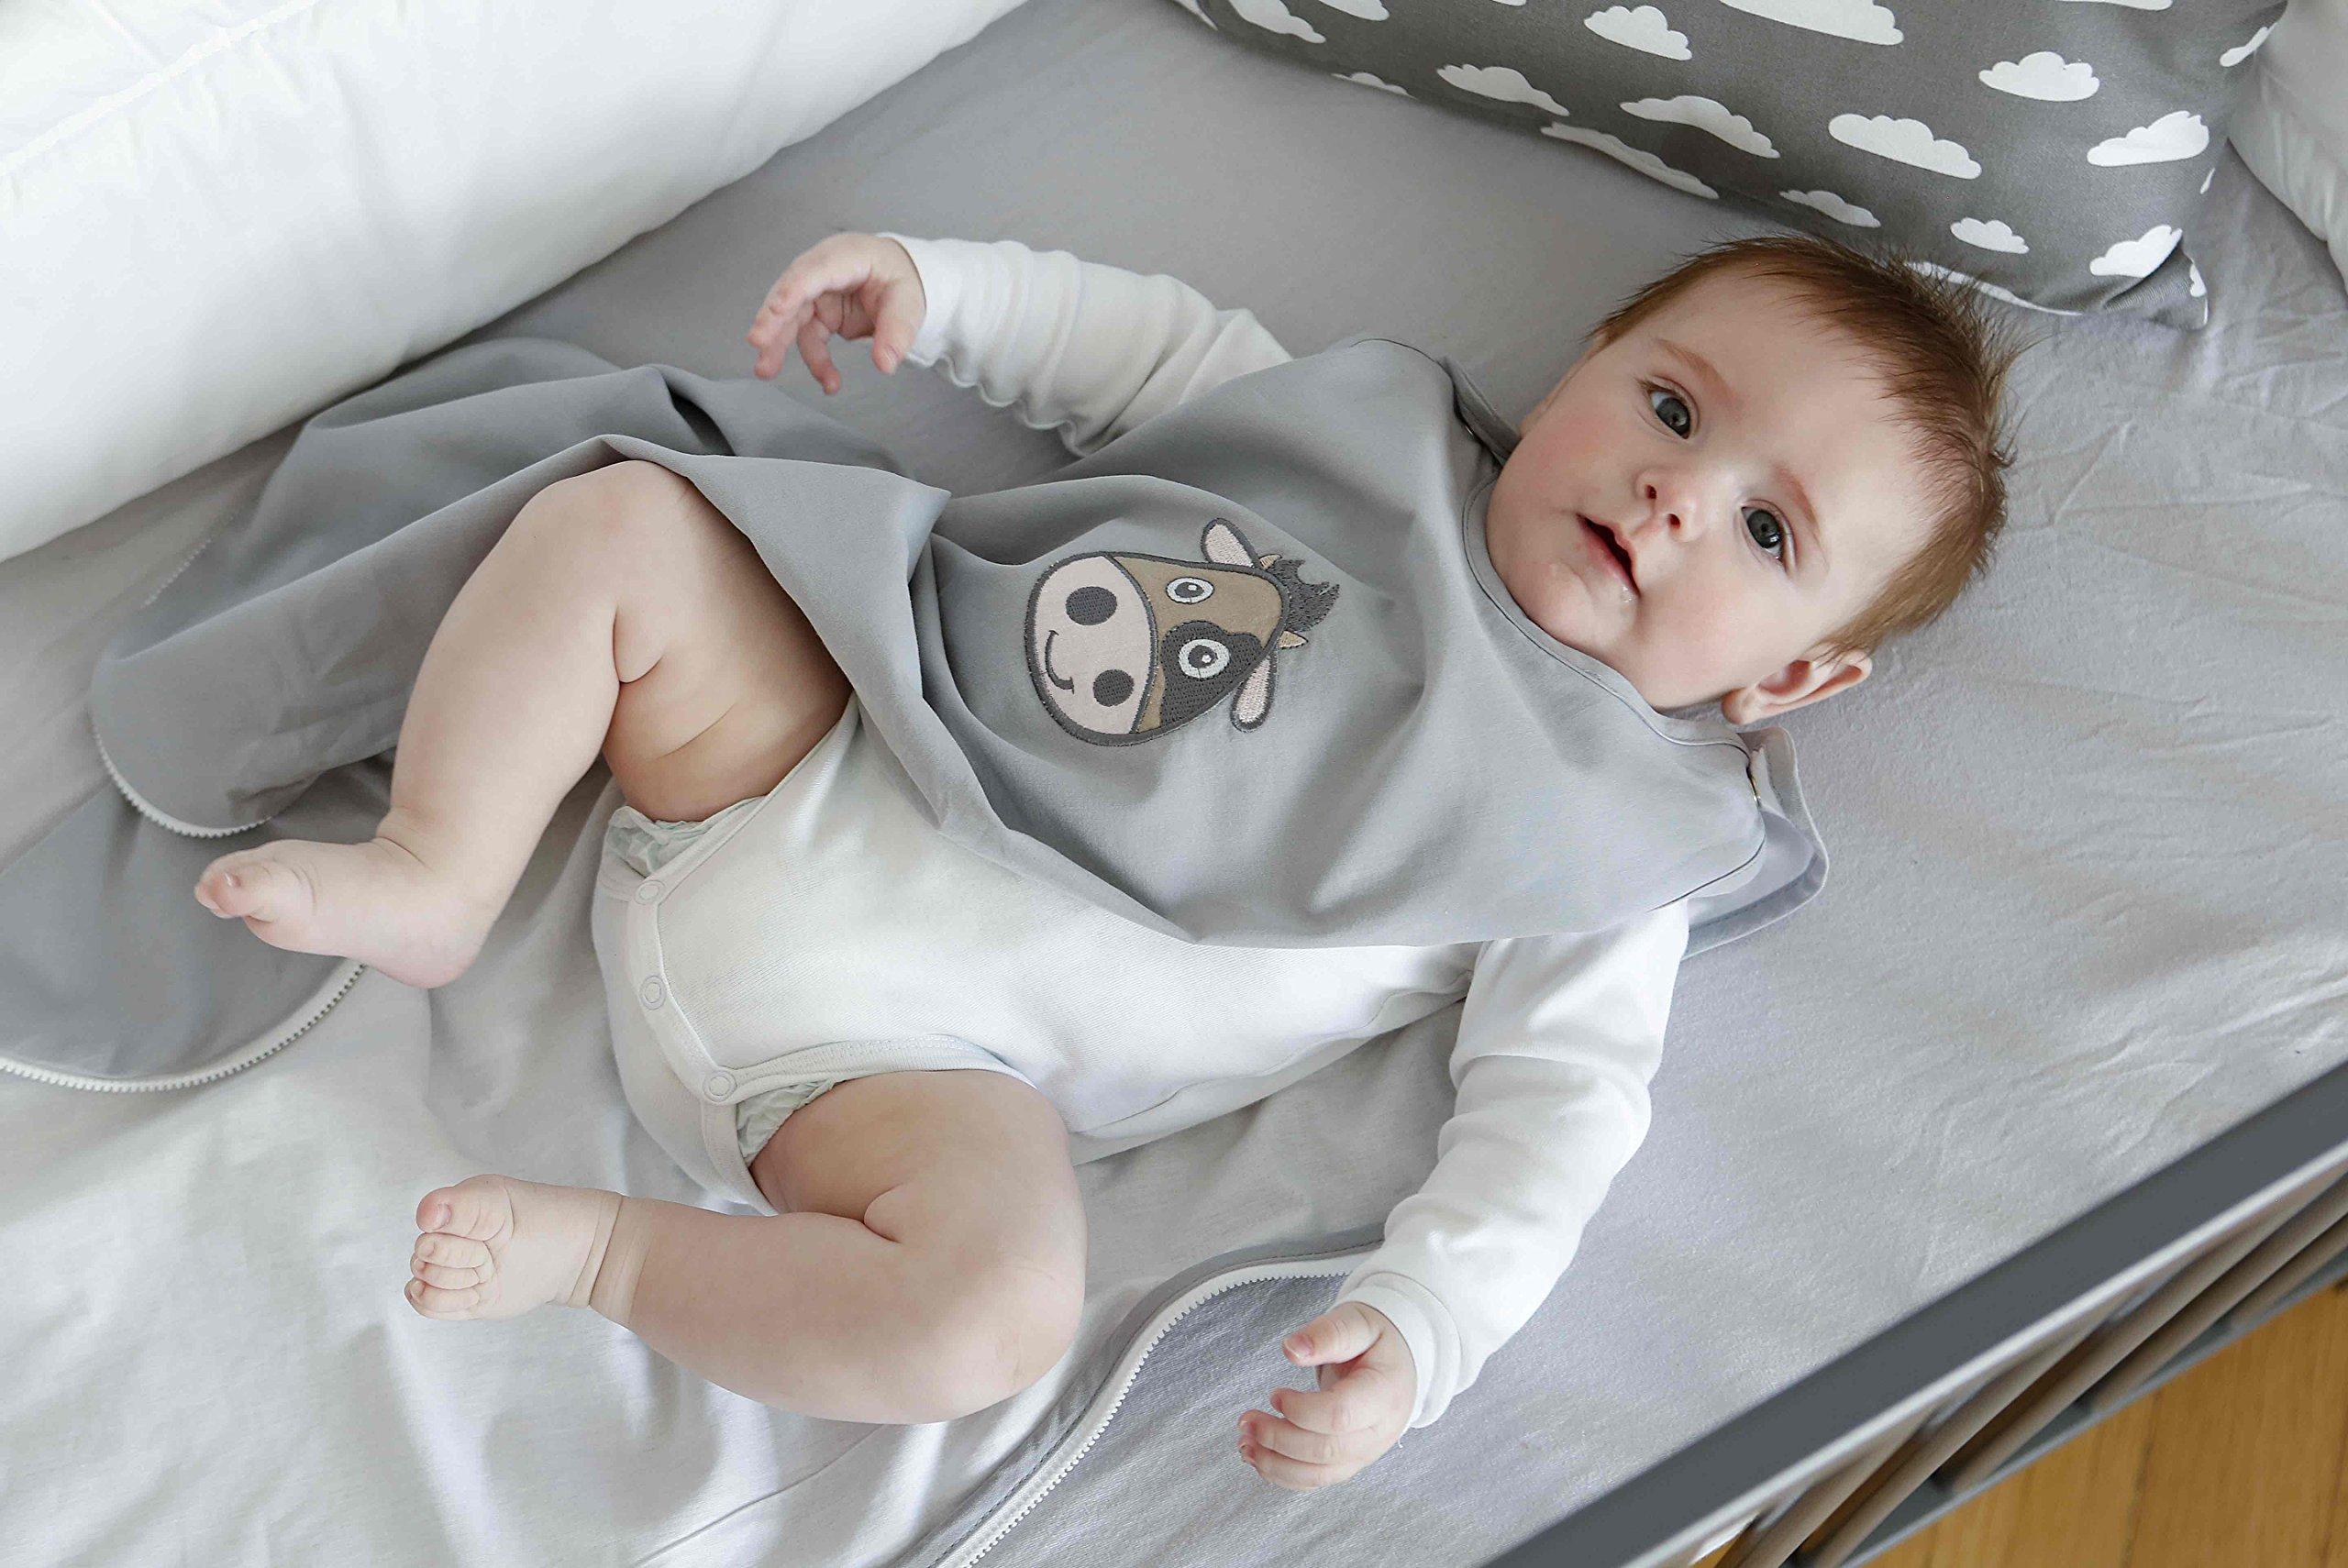 Minky Mooh saco de dormir del bebé del verano hecha de algodón 100% orgánico